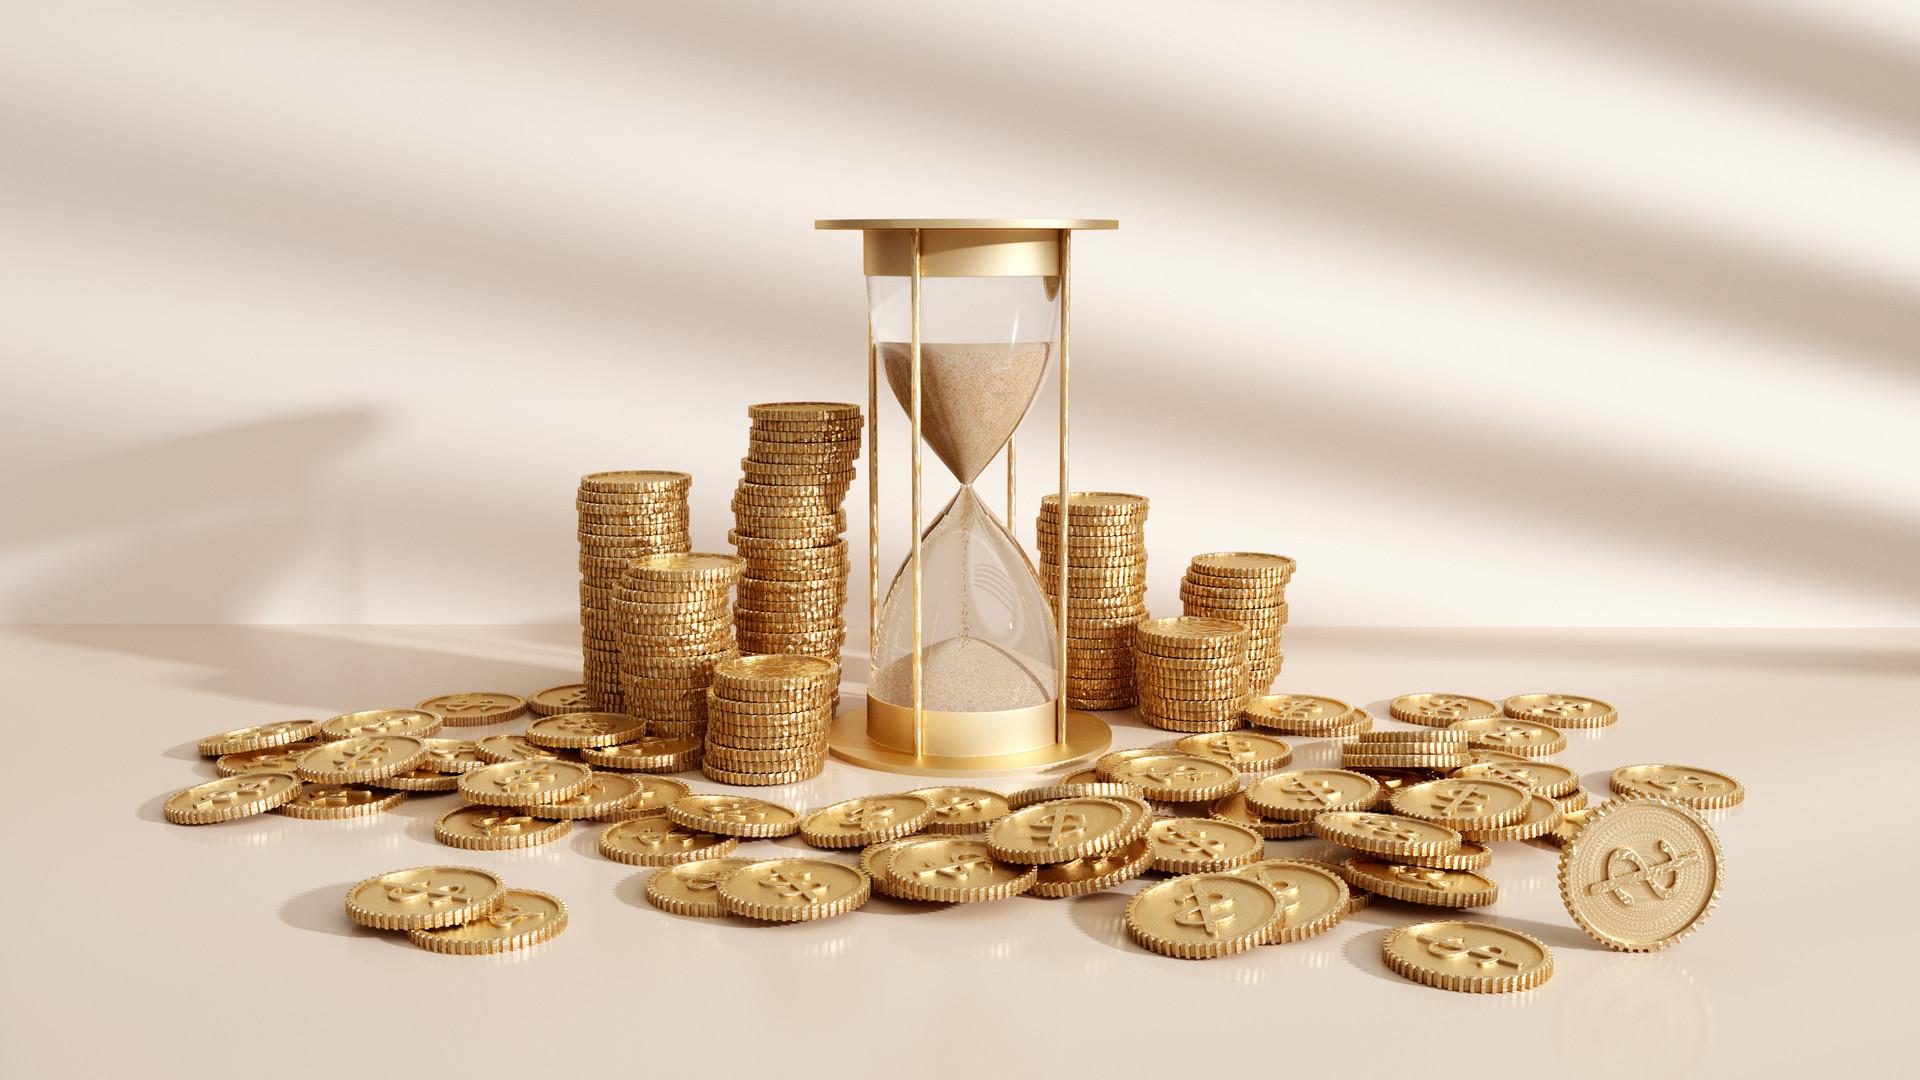 年金险收益最高的产品是哪个